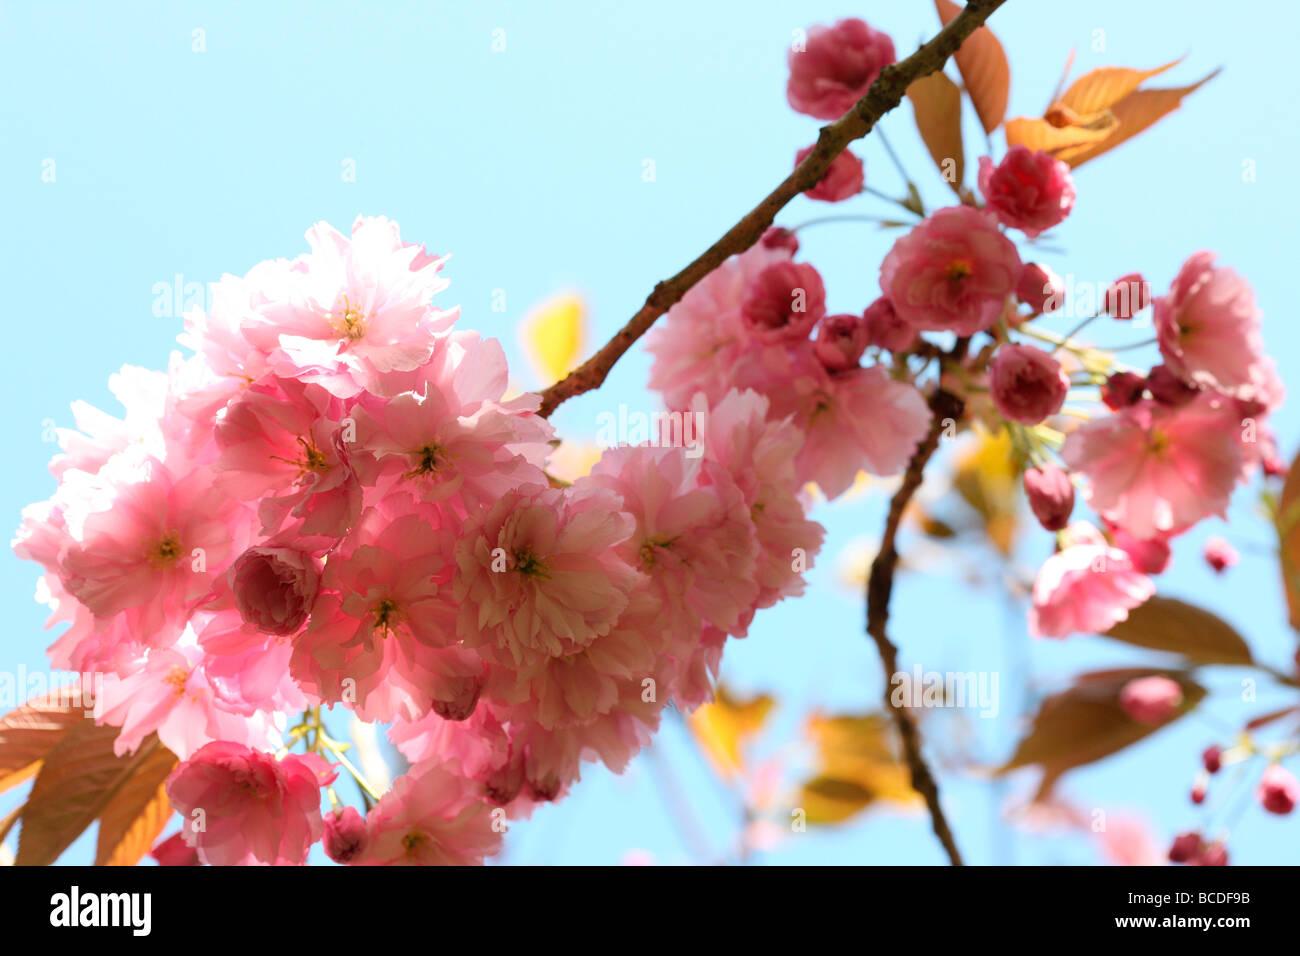 einen Vorgeschmack auf den Frühling Prunus Kirschblüte Kunstfotografie Jane Ann Butler Fotografie JABP454 Stockbild